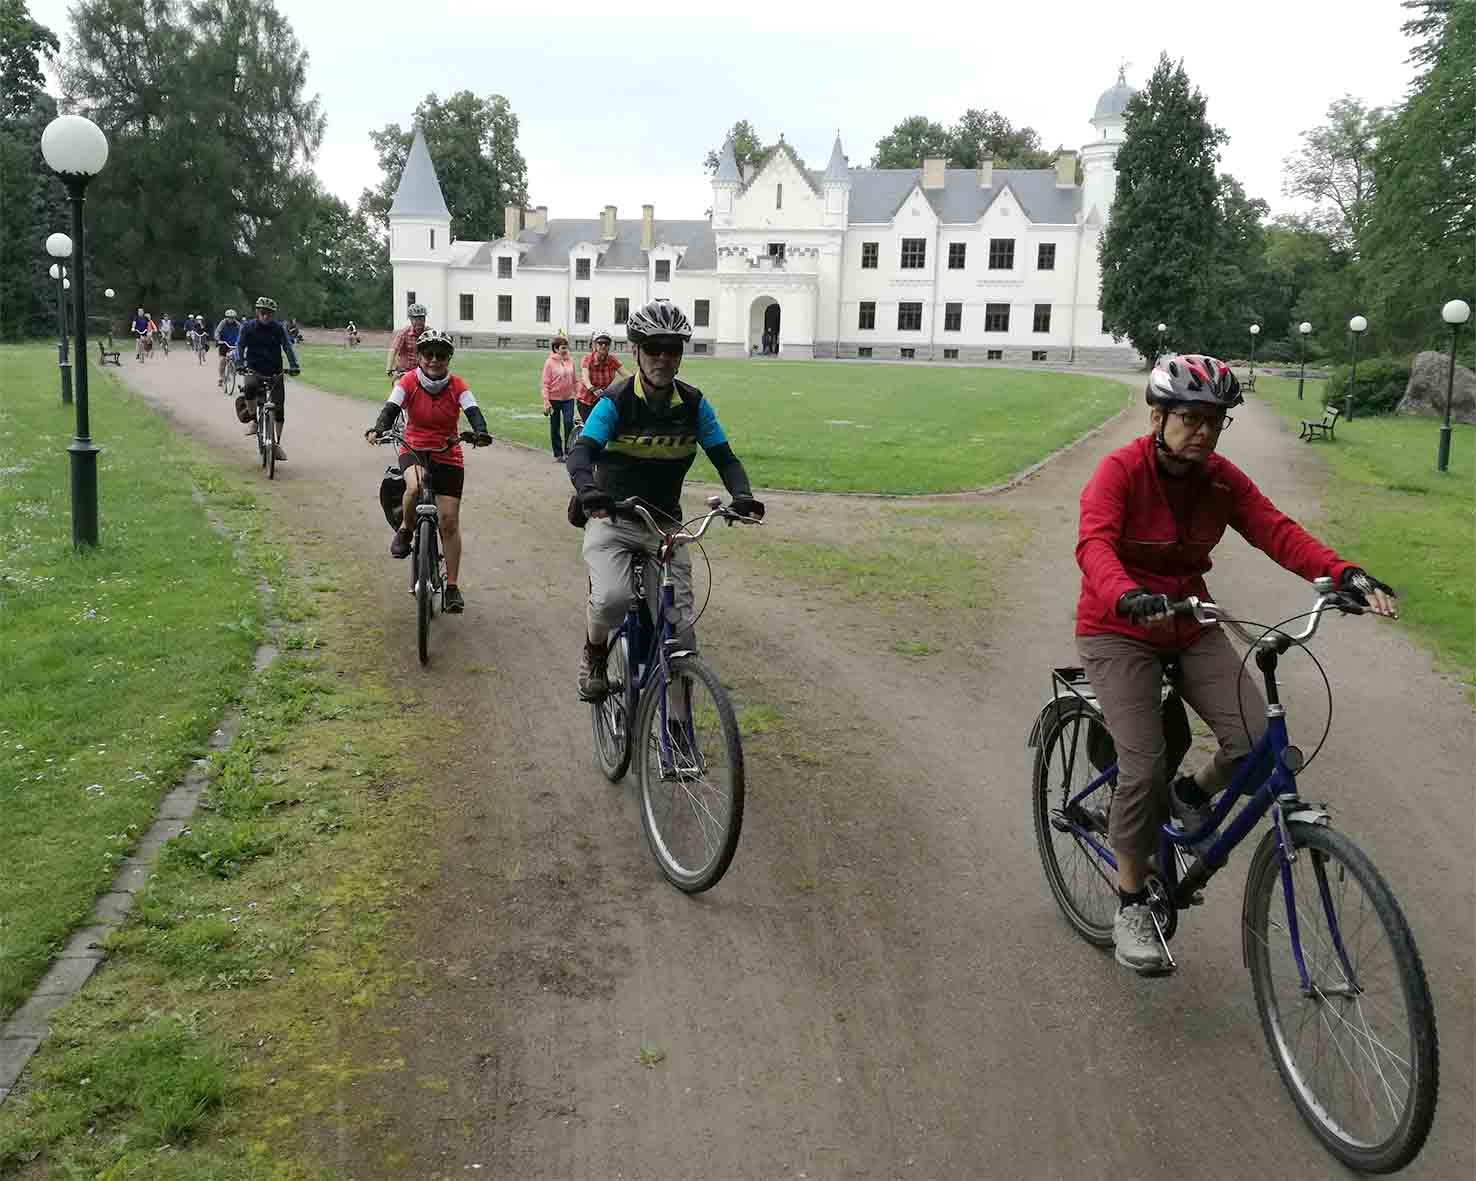 Radreise Baltikum, IB, Fot. 1, J. Szewczul